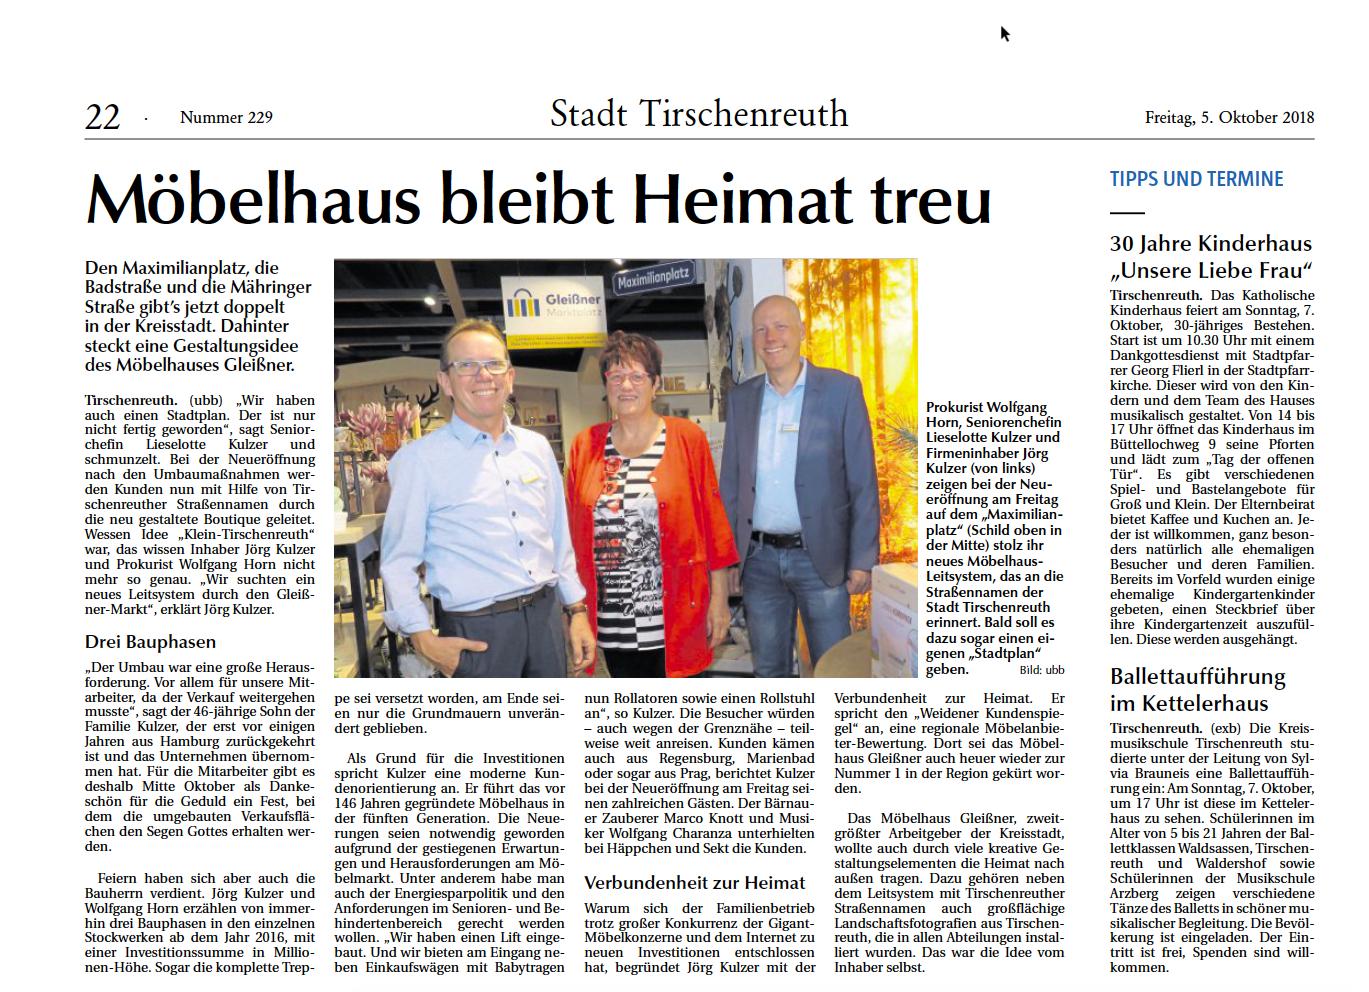 Mo-belhaus-bleibt-Heimat-treu